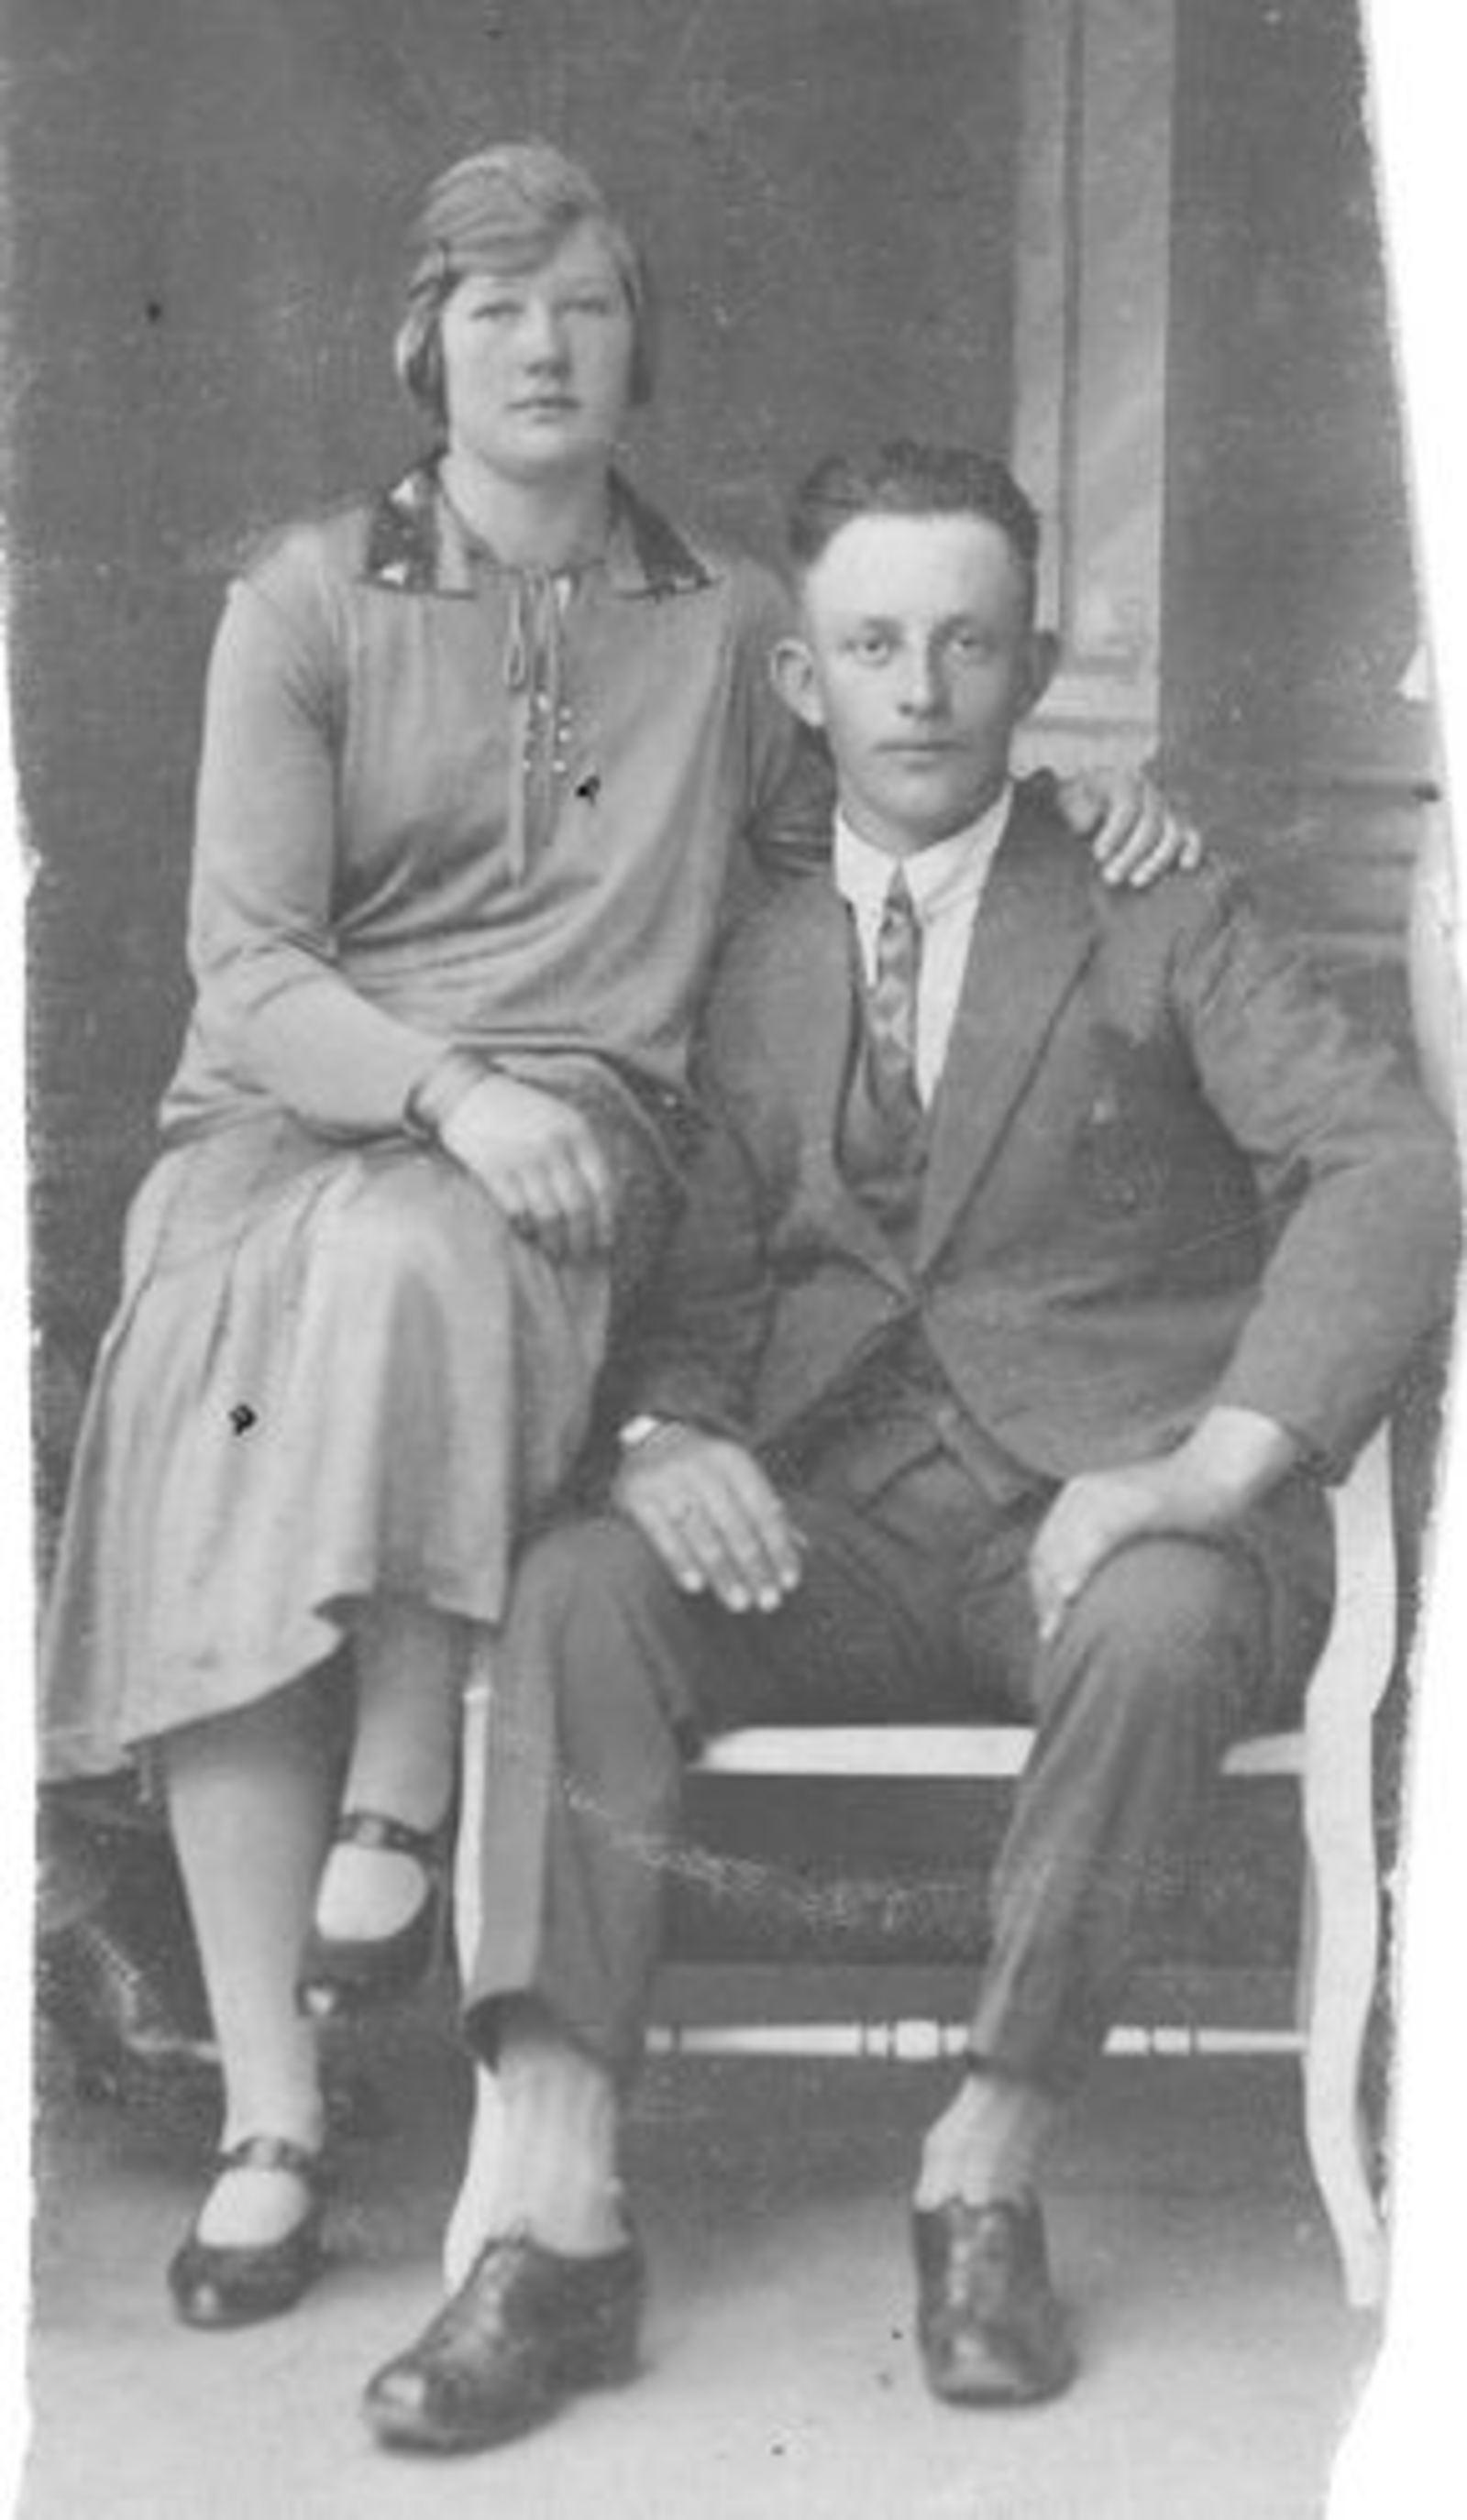 Bliek Riek 1908 192_ met Verkering Jan vd Moren